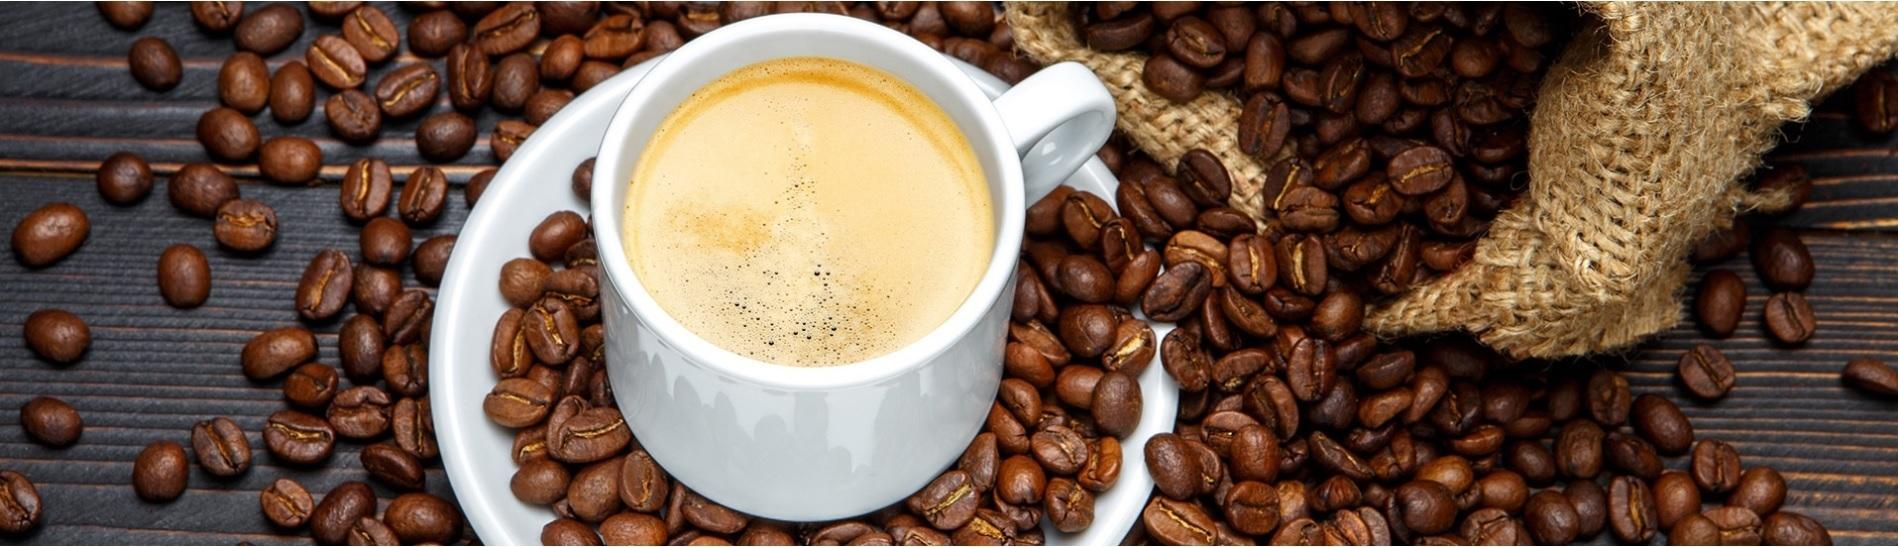 Bioryneczek Kawy ziarniste